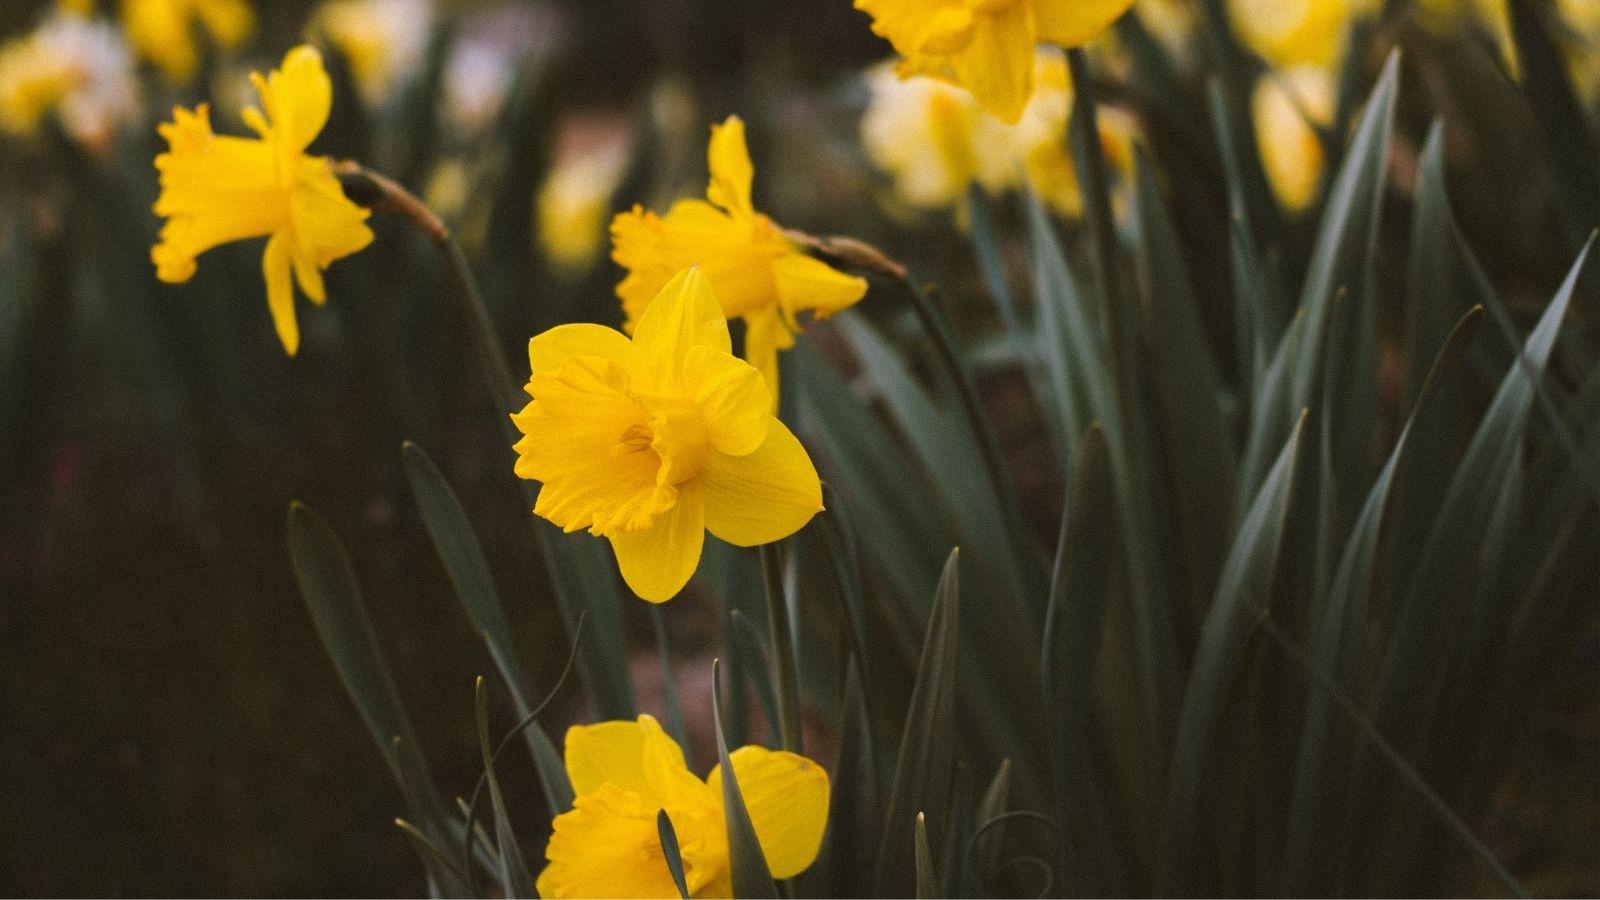 Yellow Daffodils in field